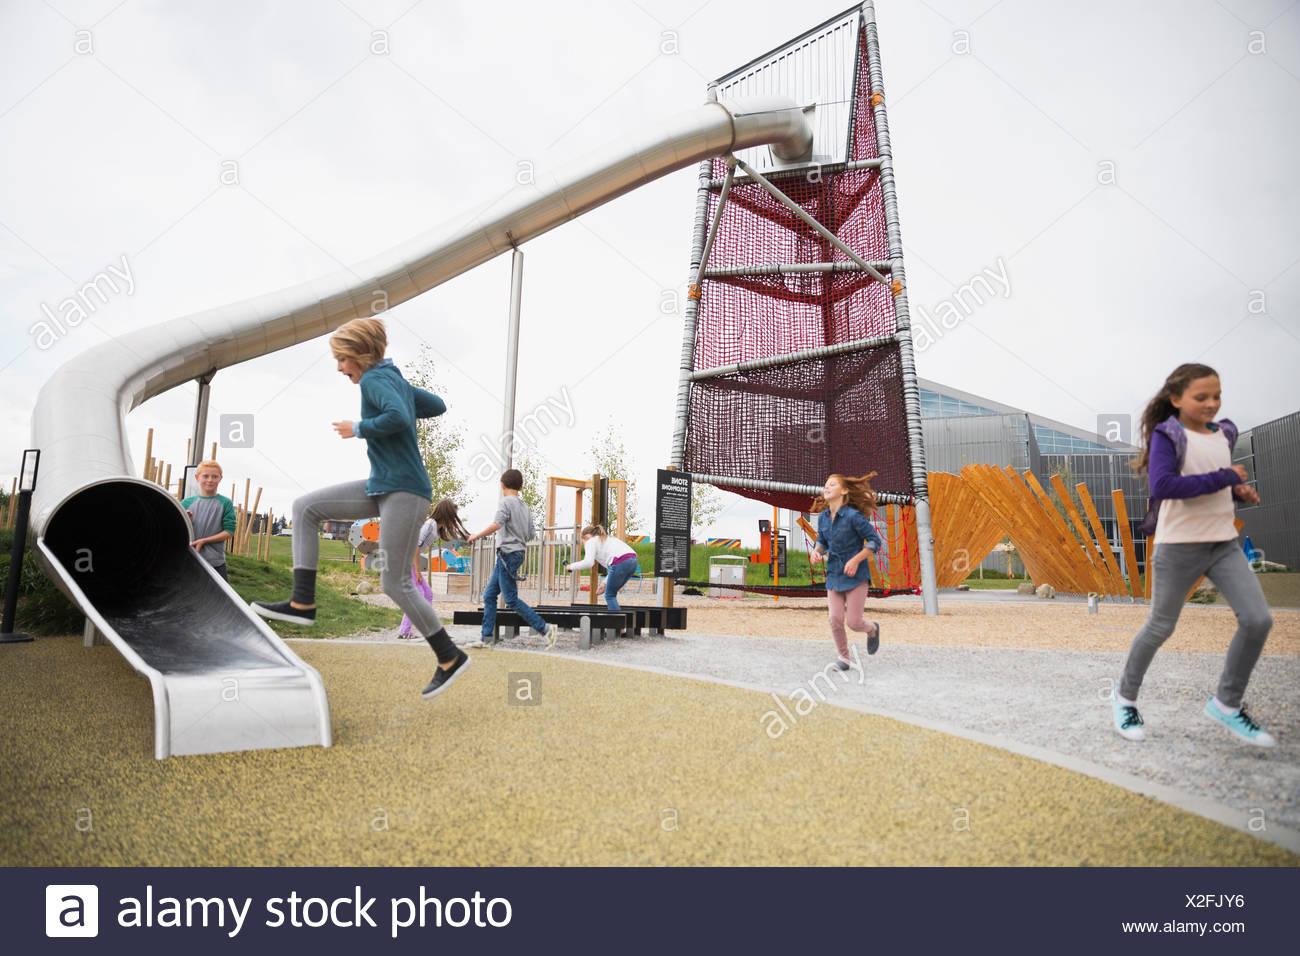 Les enfants jouaient au jeu pour enfants Photo Stock